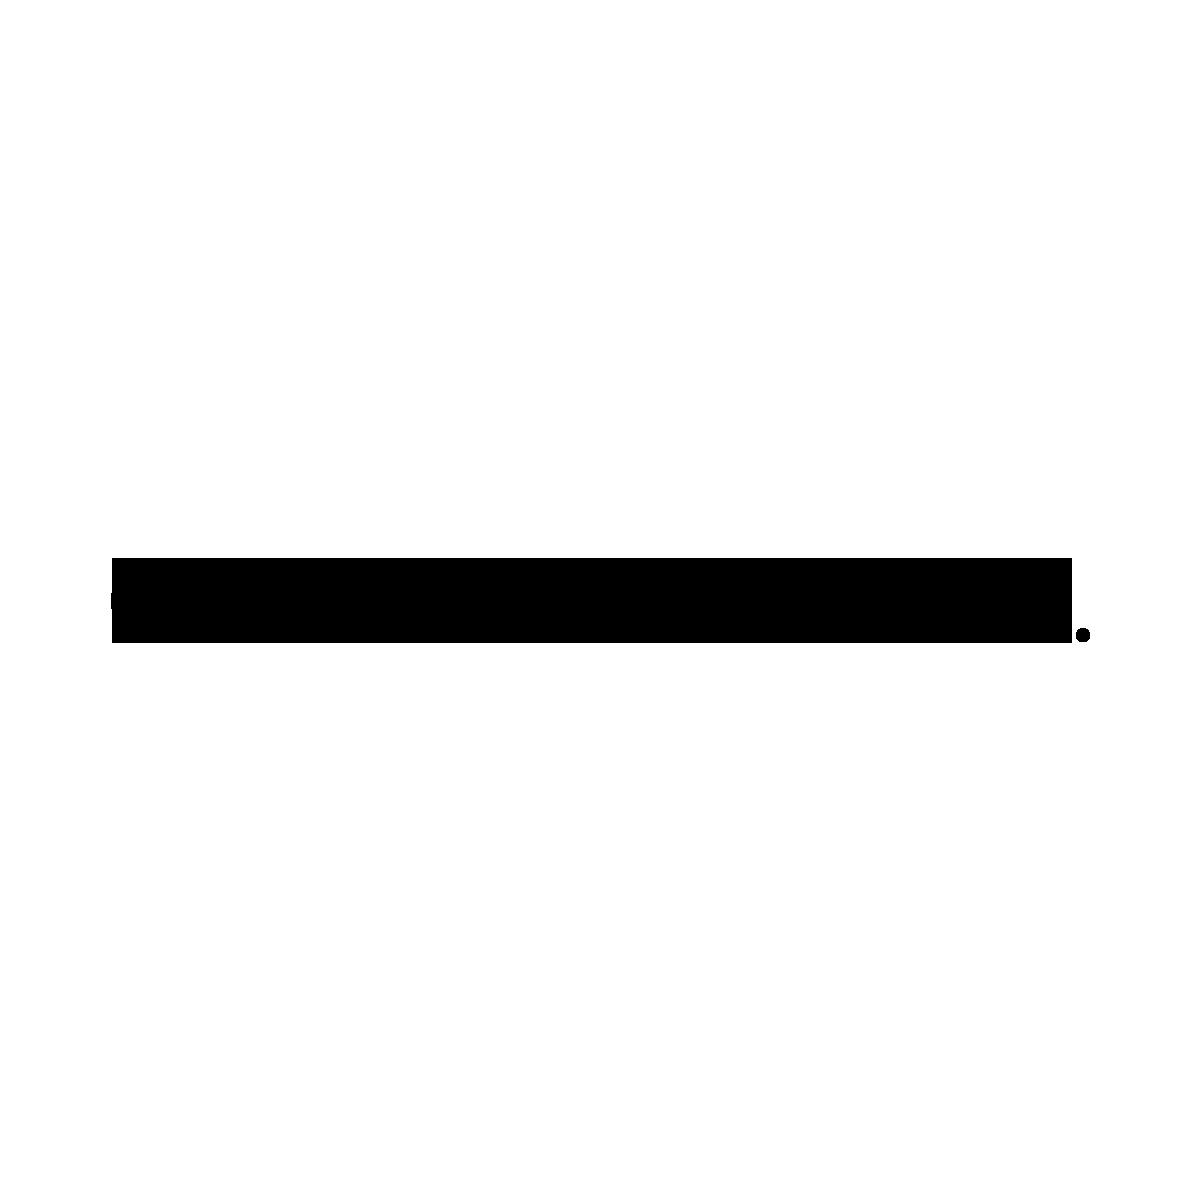 rode schoudertas van natuurlijk gelooid leer 261010006 detail rits binnenin